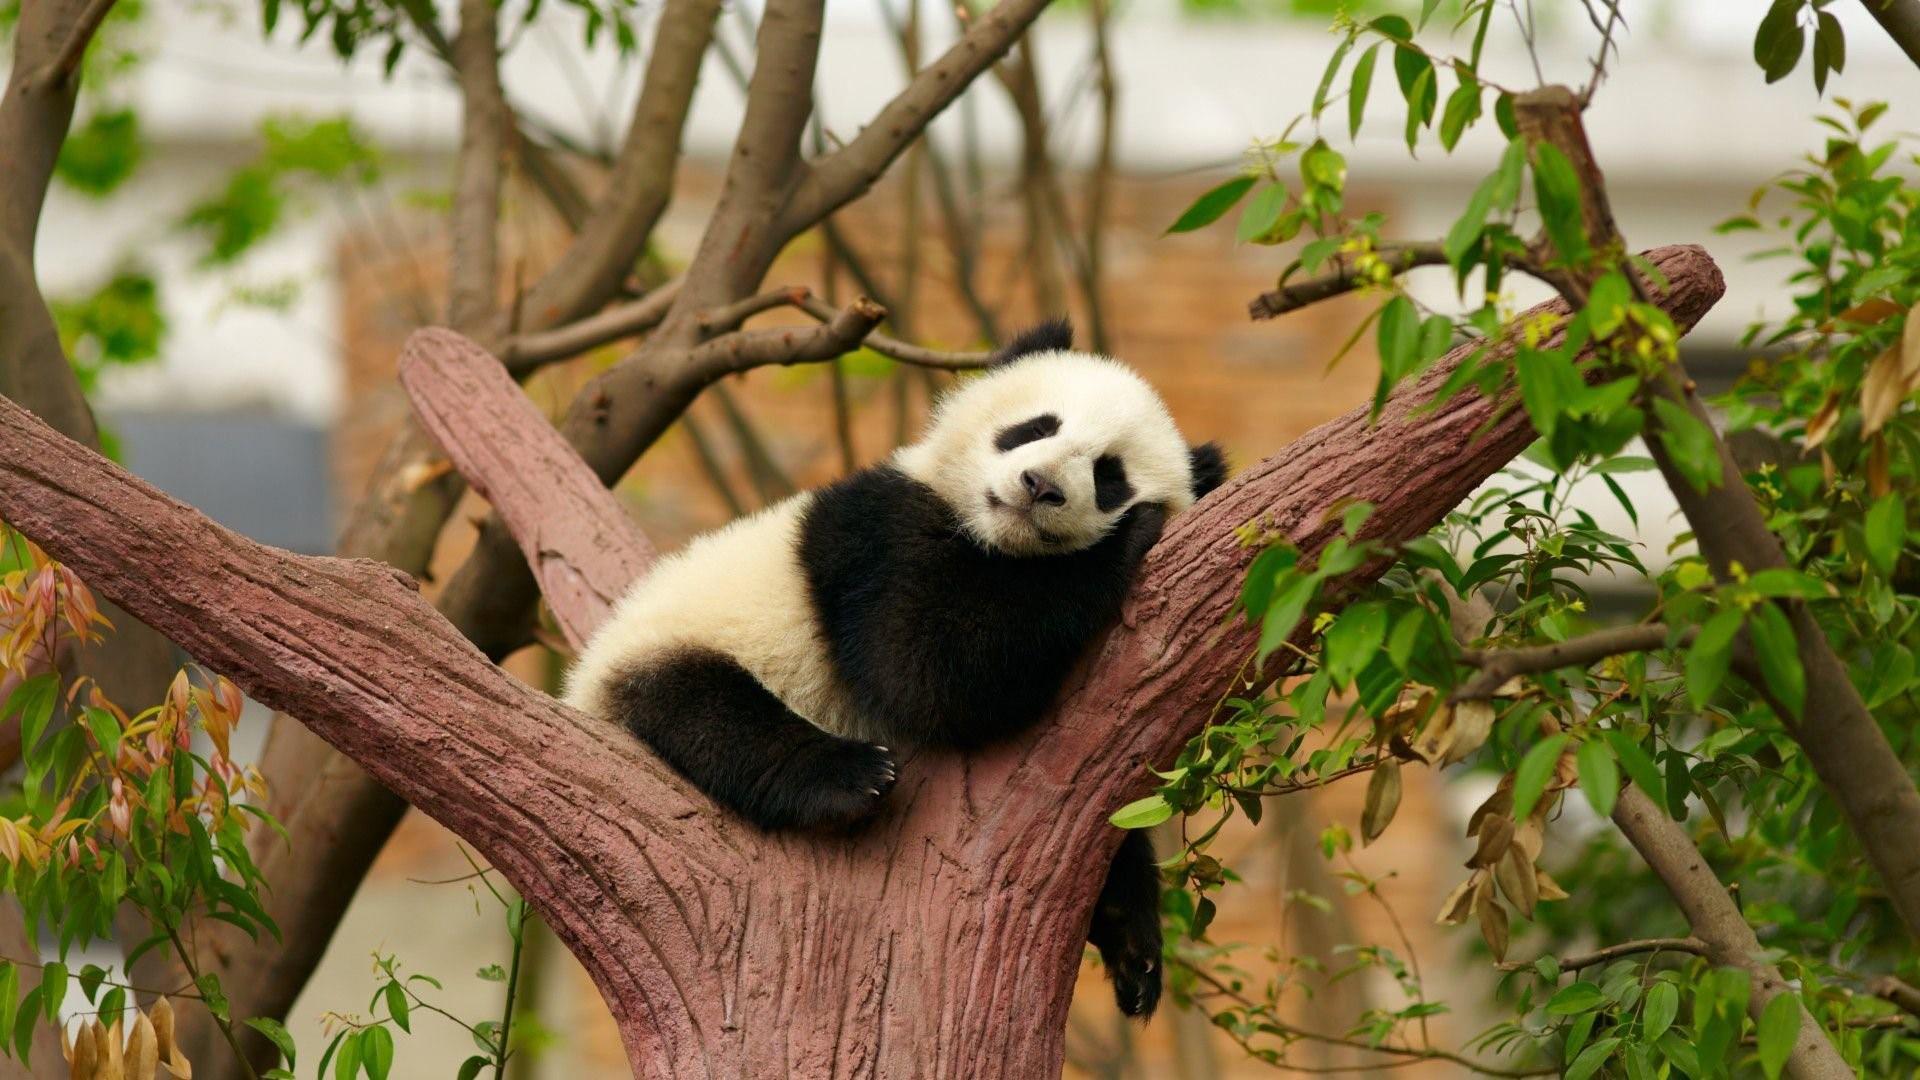 Relaxing Panda Bear wallpaper